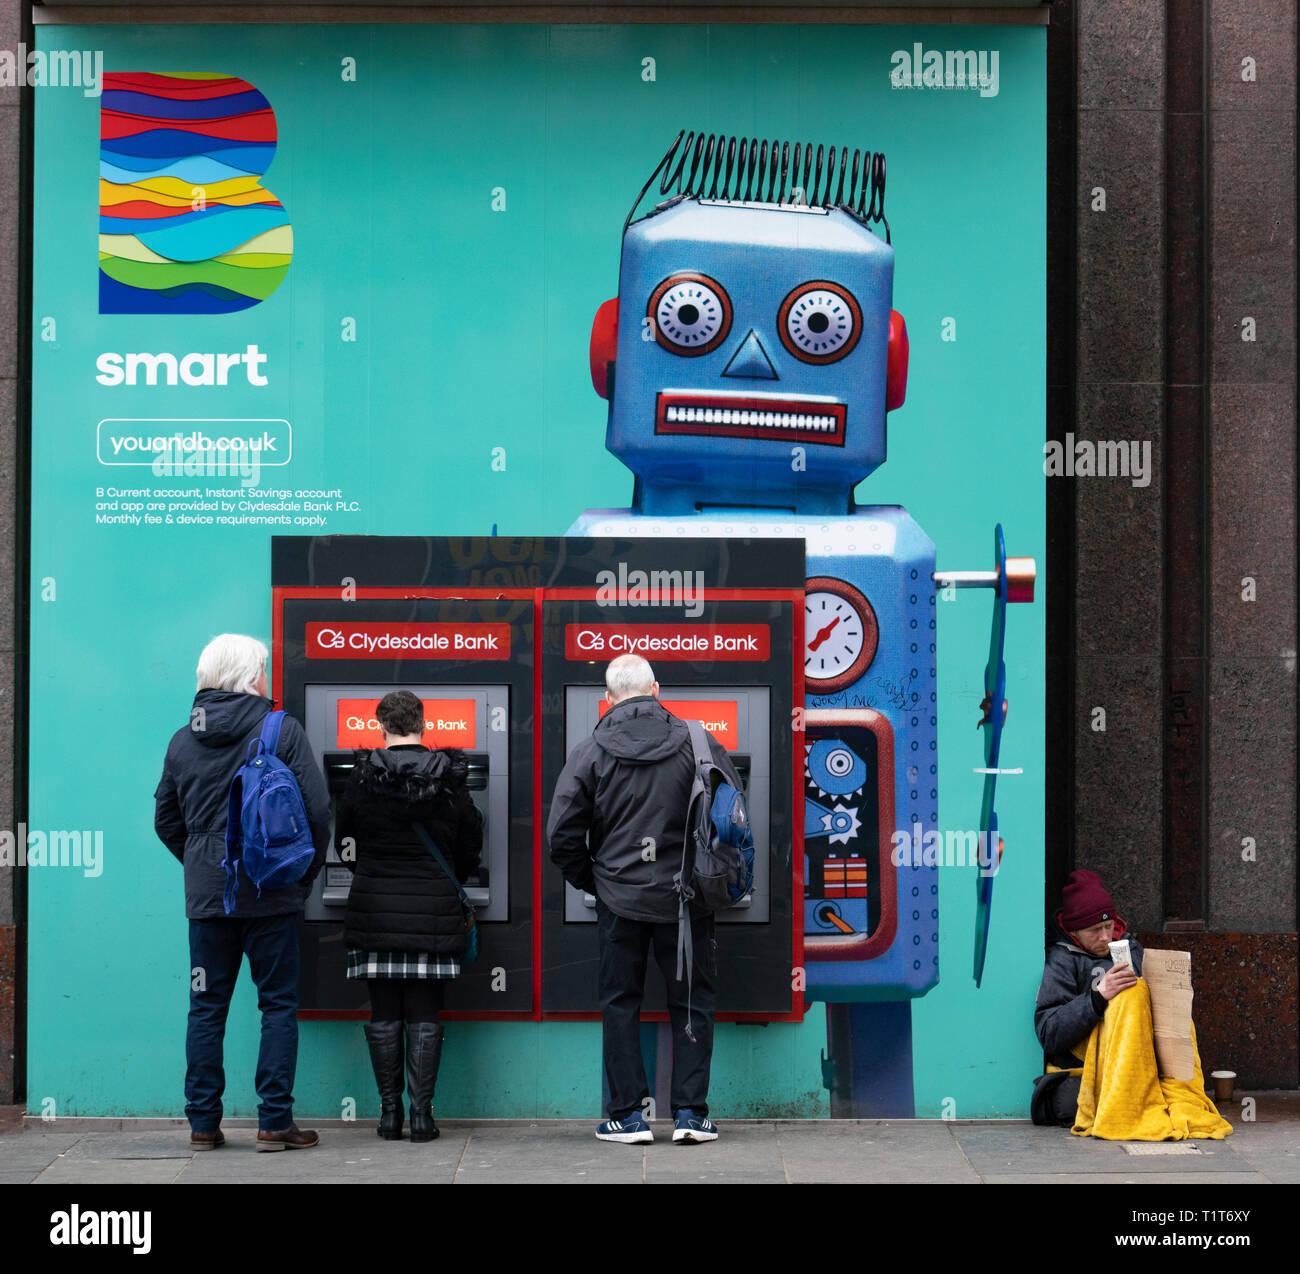 Personas usando un cajero automático junto a la persona sin hogar en el centro de Glasgow, Escocia, Reino Unido Imagen De Stock